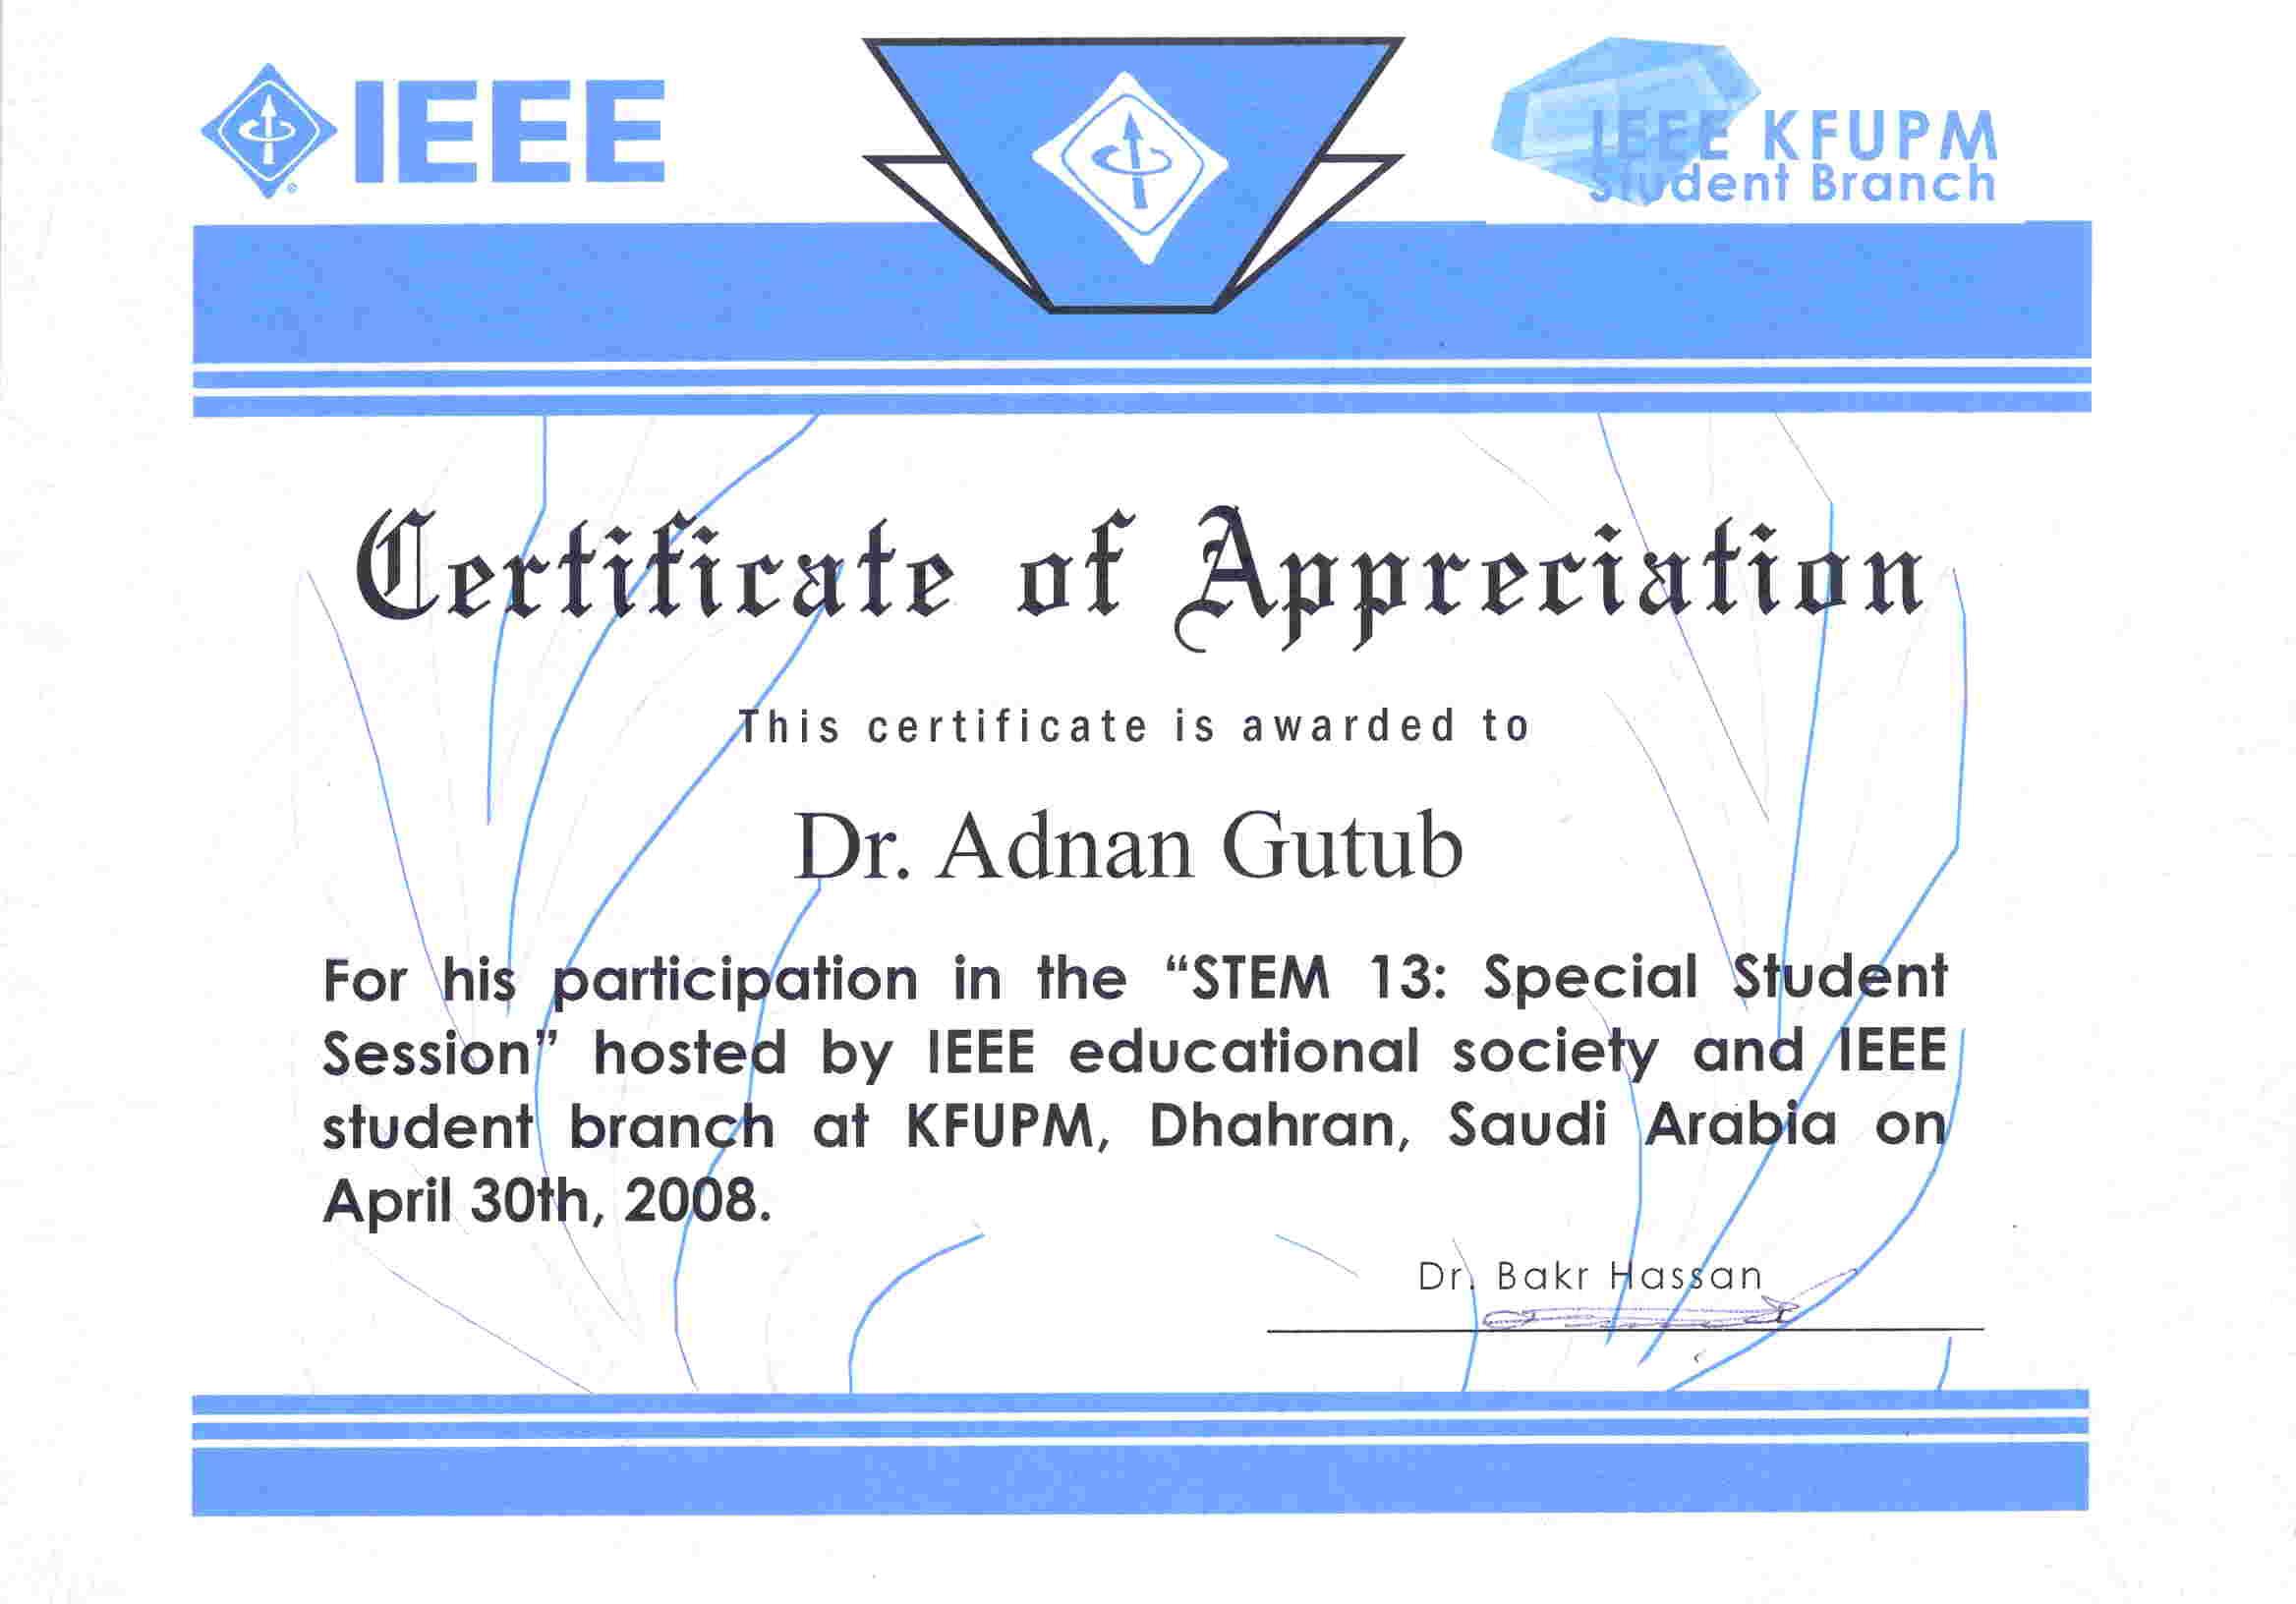 Representing Kfupm Adnan Abdulaziz Muhammad Gutub Department